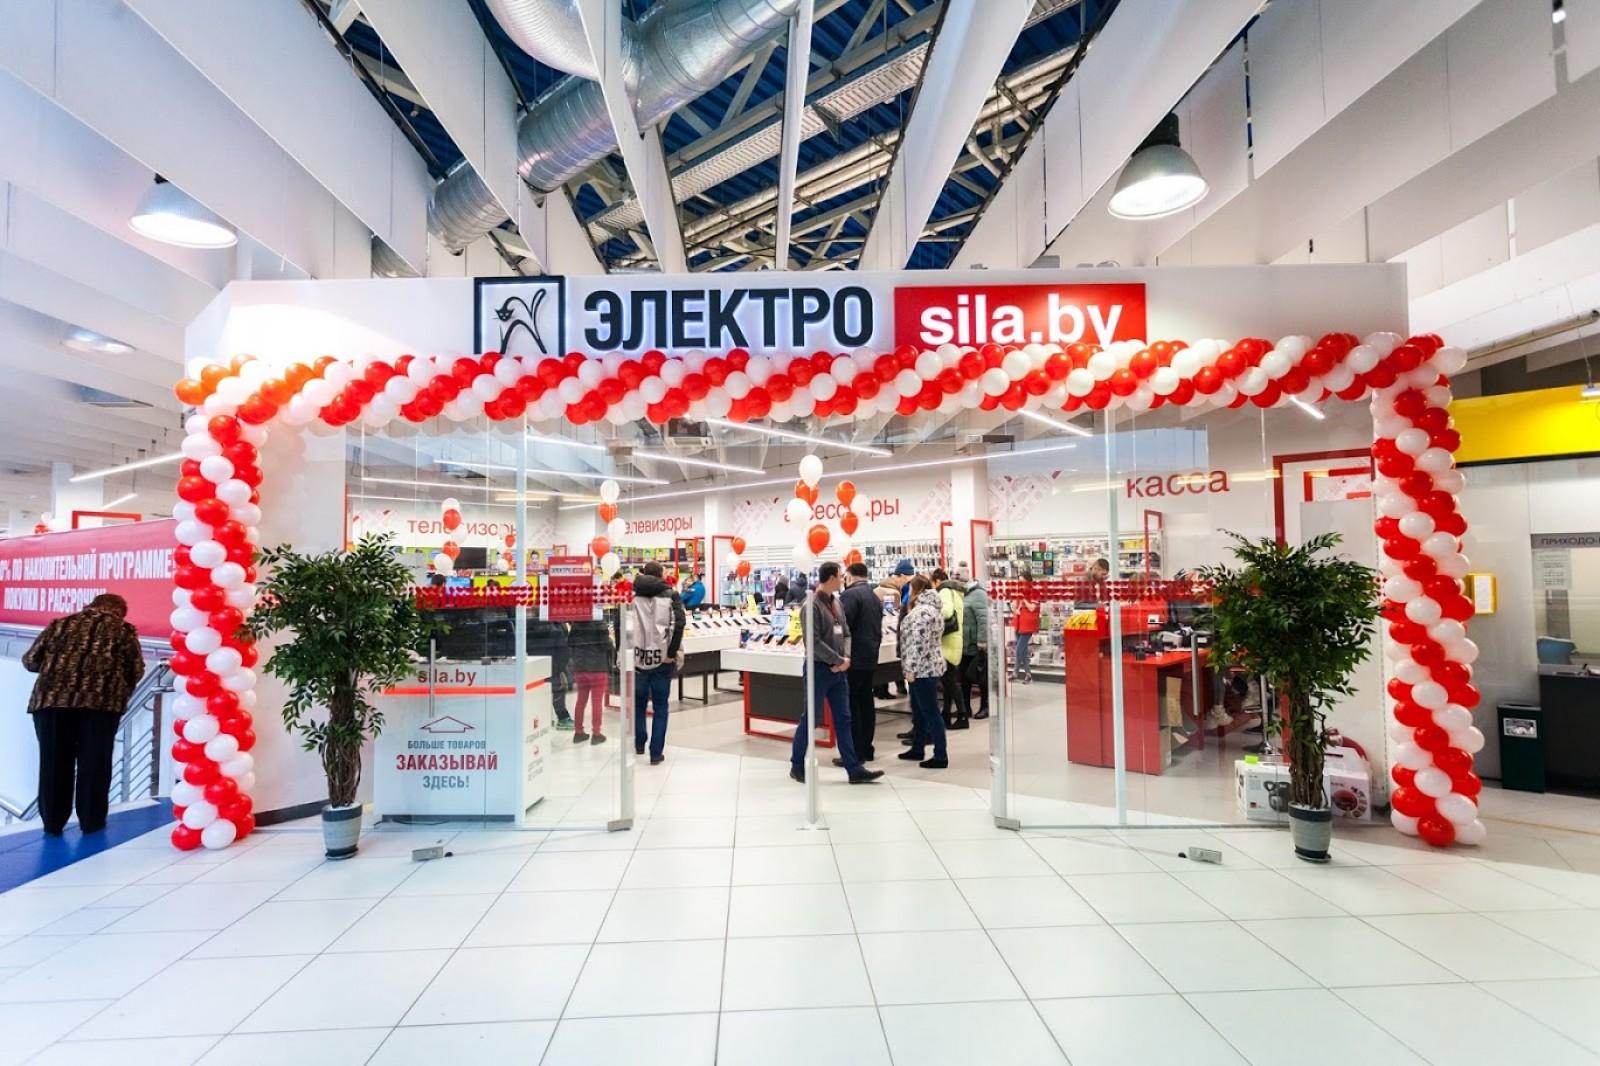 Открытие магазина Электросила в Серебрянке